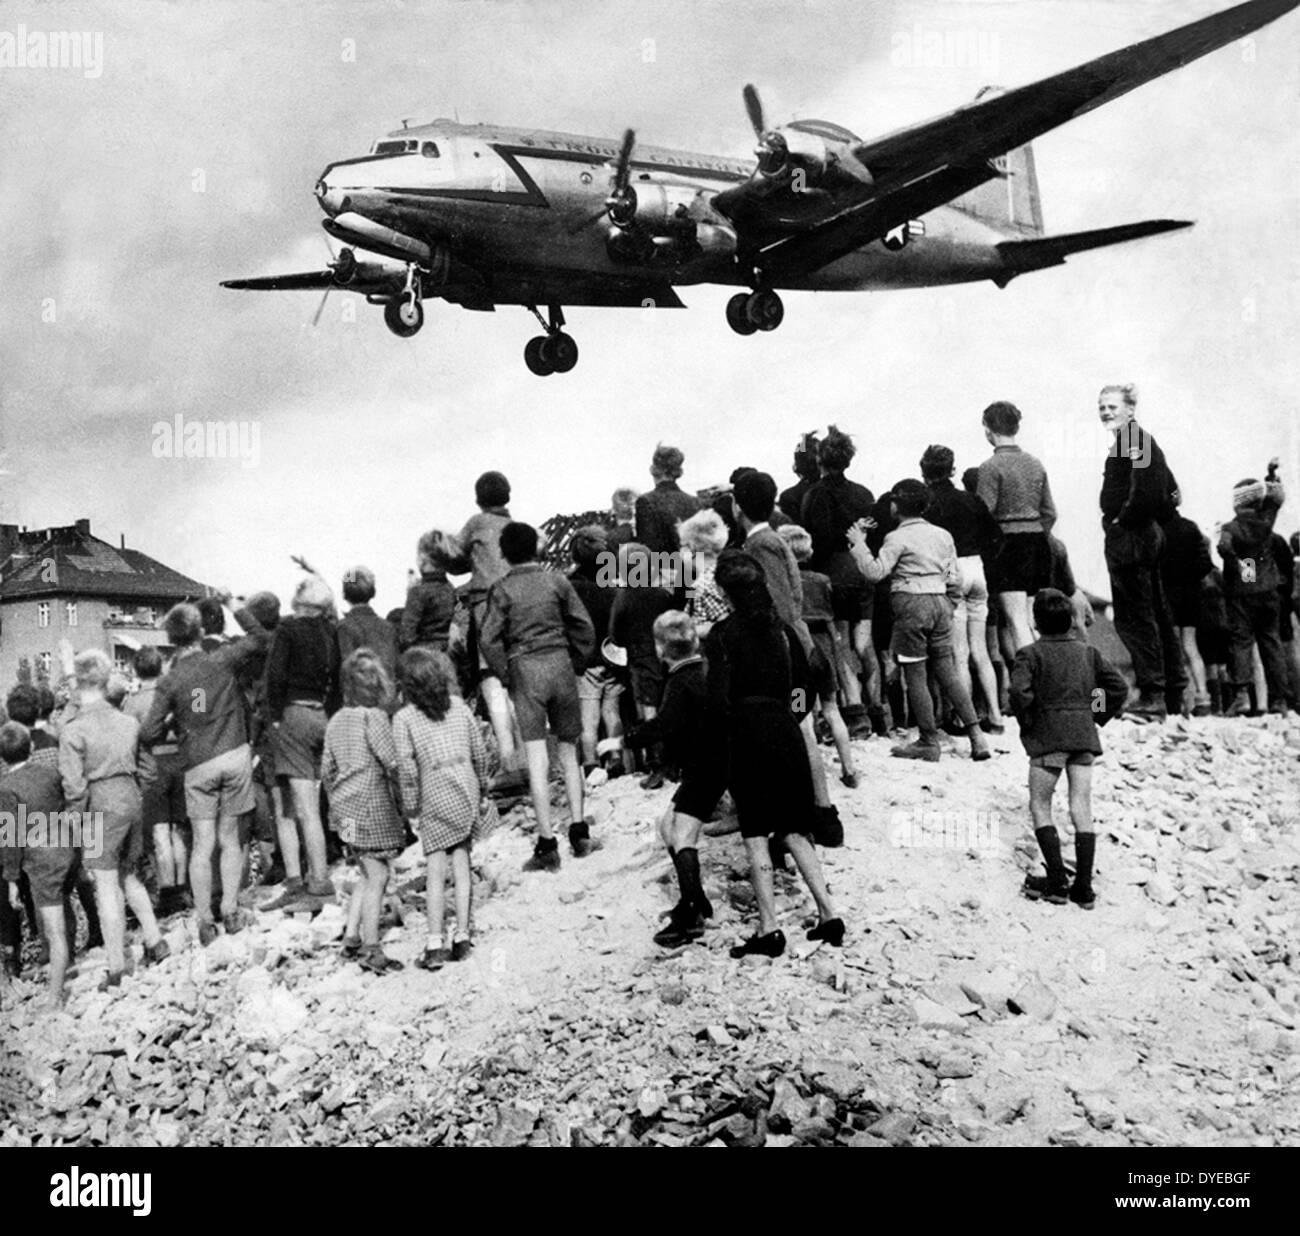 Des avions américains chute de la nourriture et des fournitures à proximité d'une foule de Berlinois pendant le blocus de Berlin Photo Stock